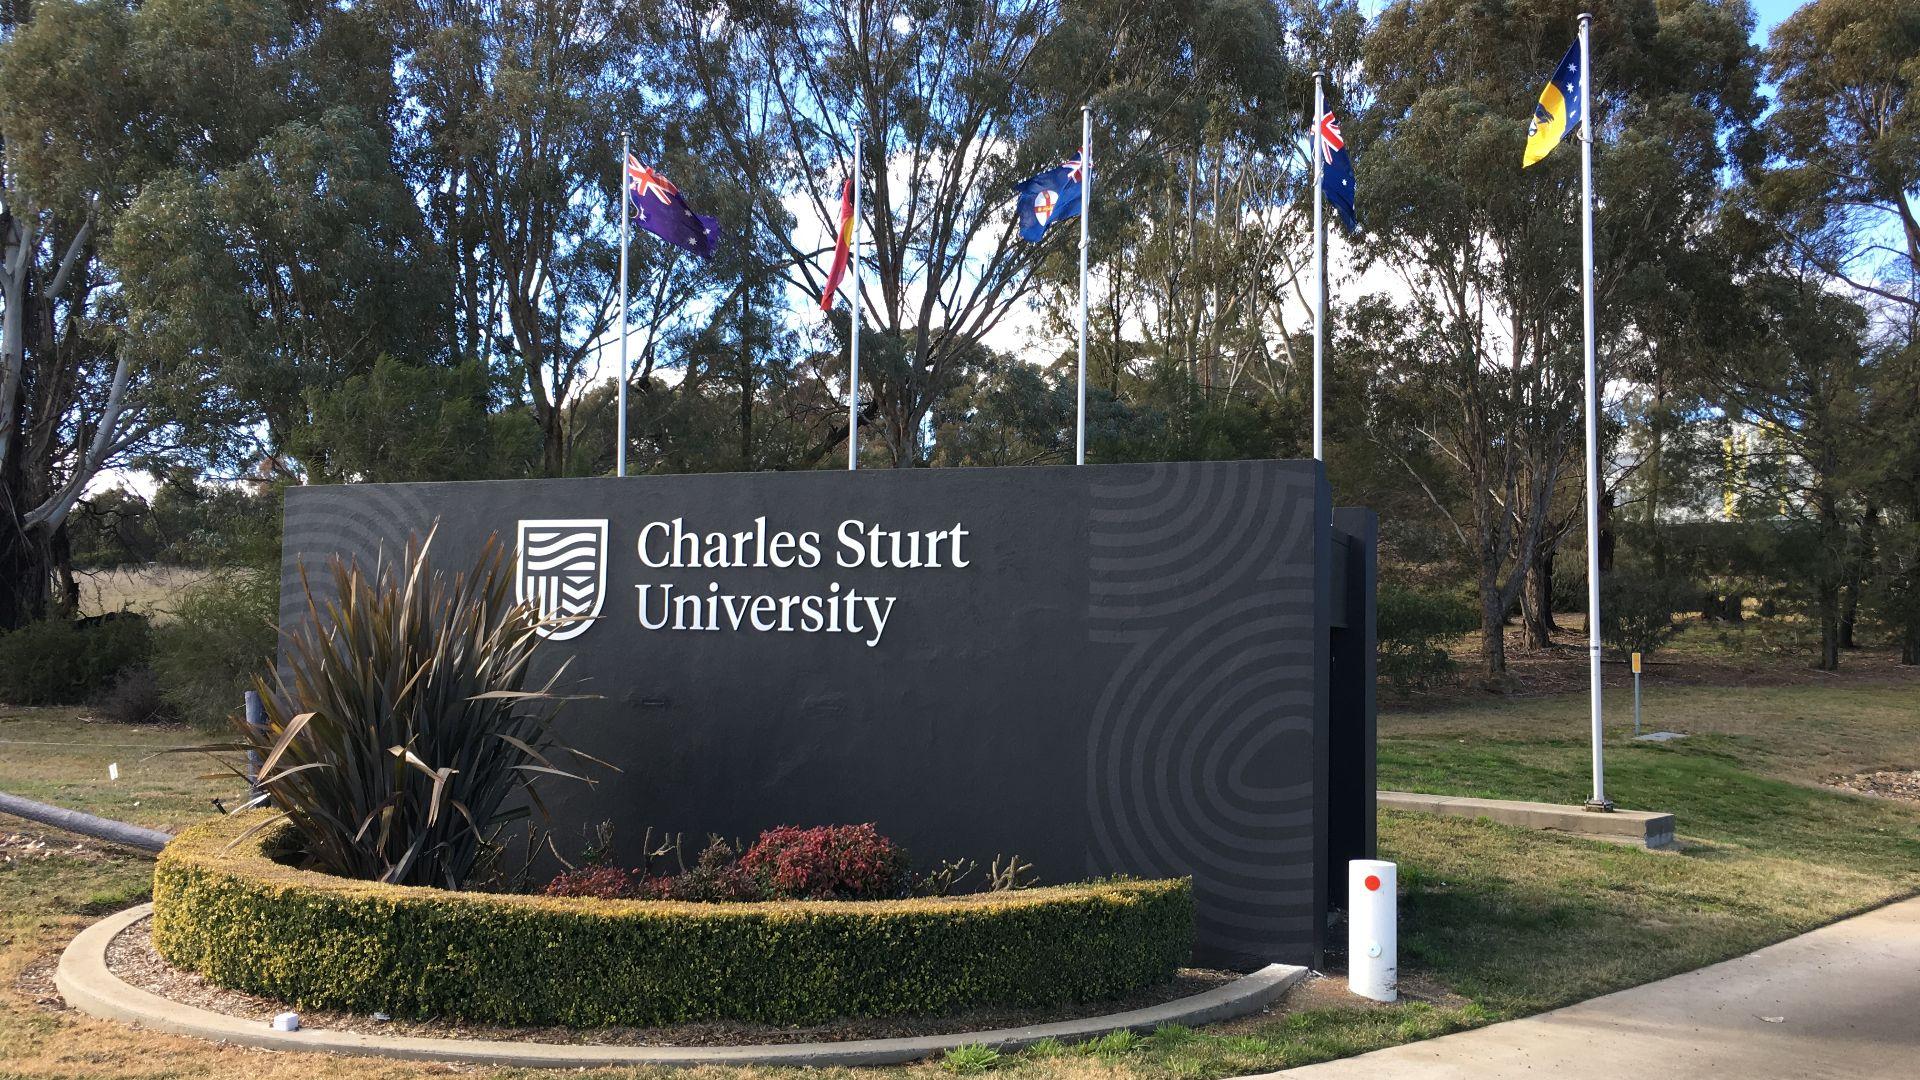 Charles Sturt awarded 'excellent' gender equality rating